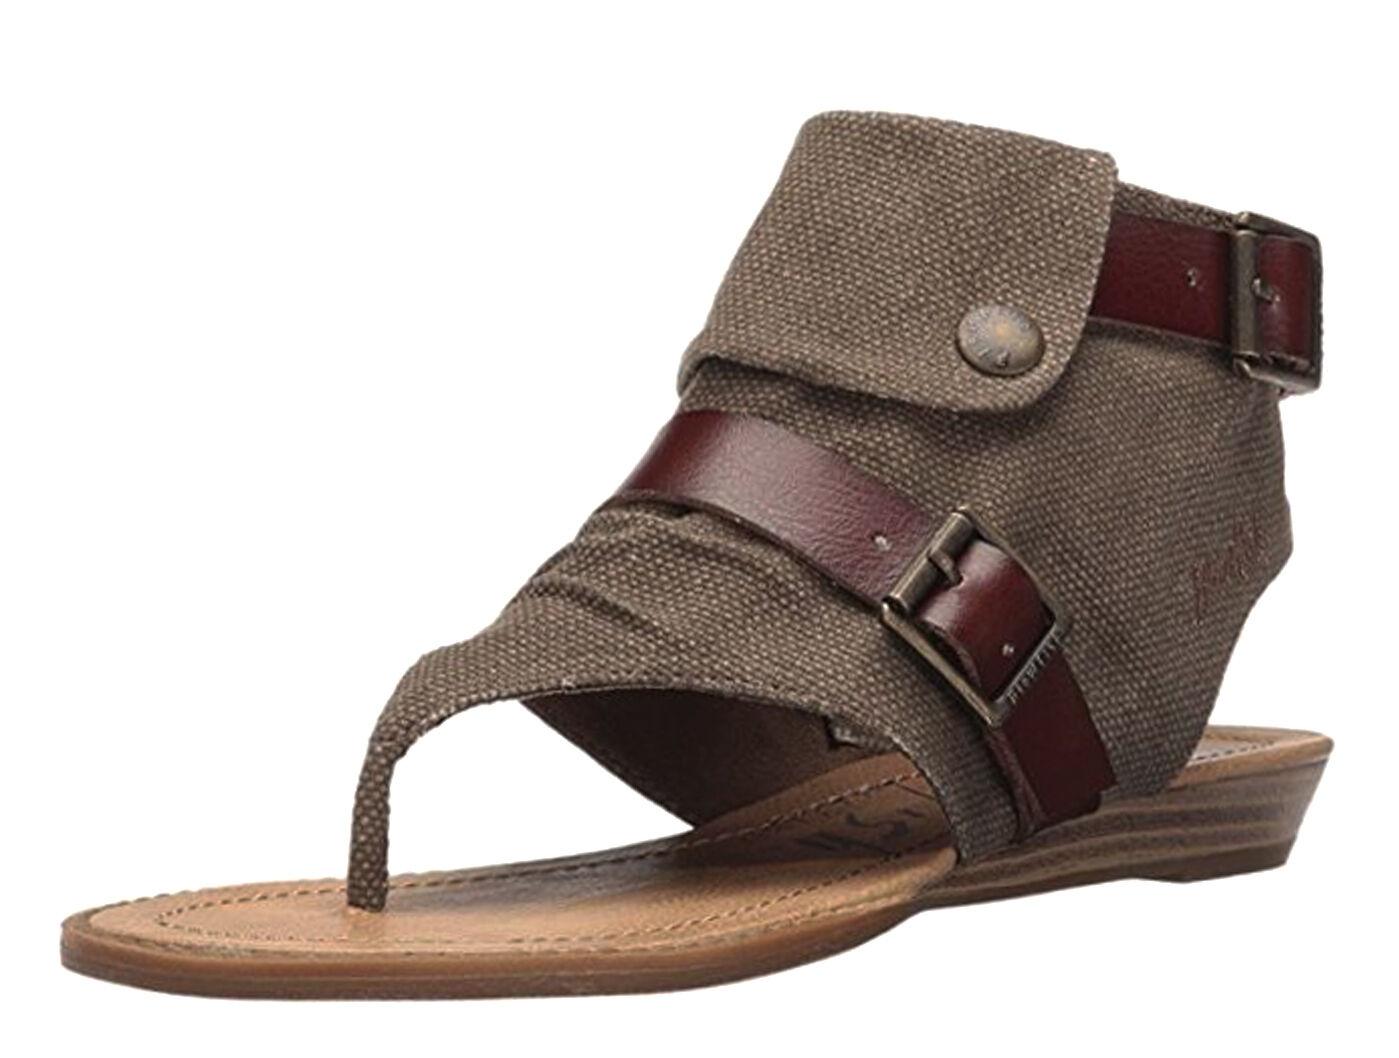 Blaume NEW Blowfish braun heel 3 8 UK sandals fashion wedge